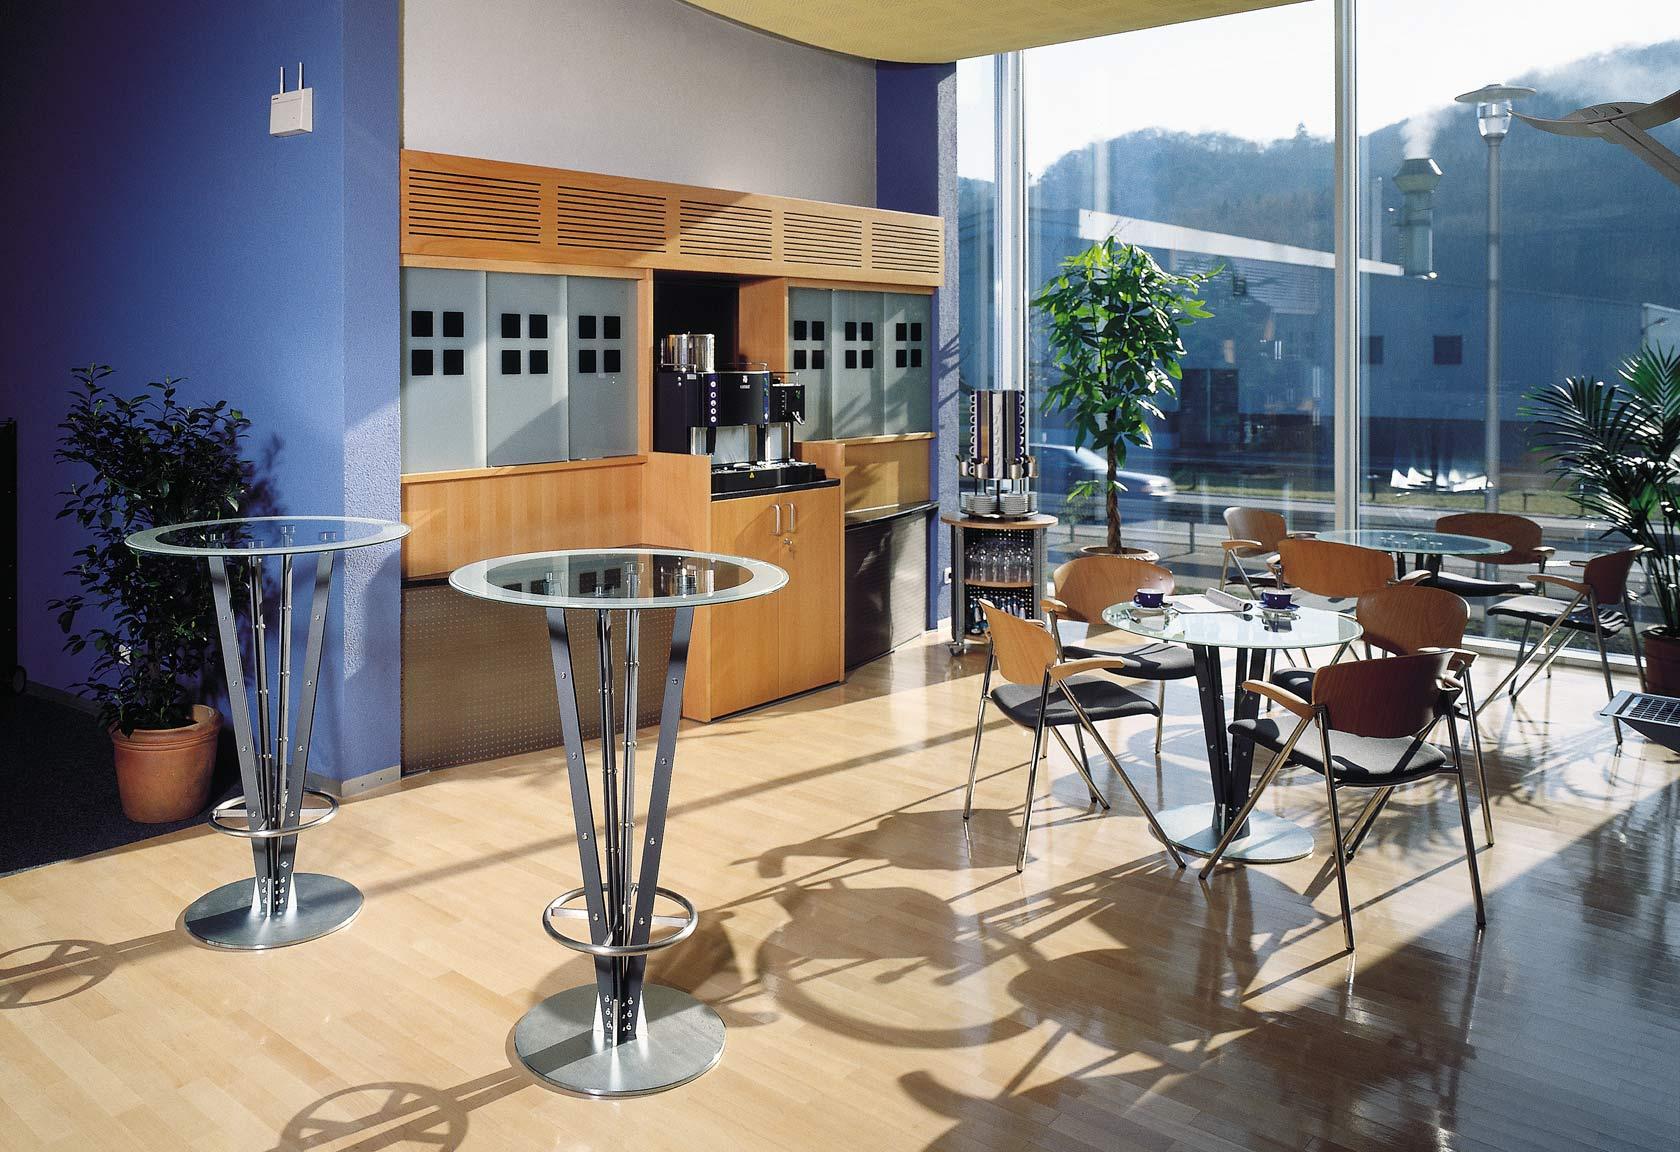 Caféteria mit Sitz- und Stehtischen